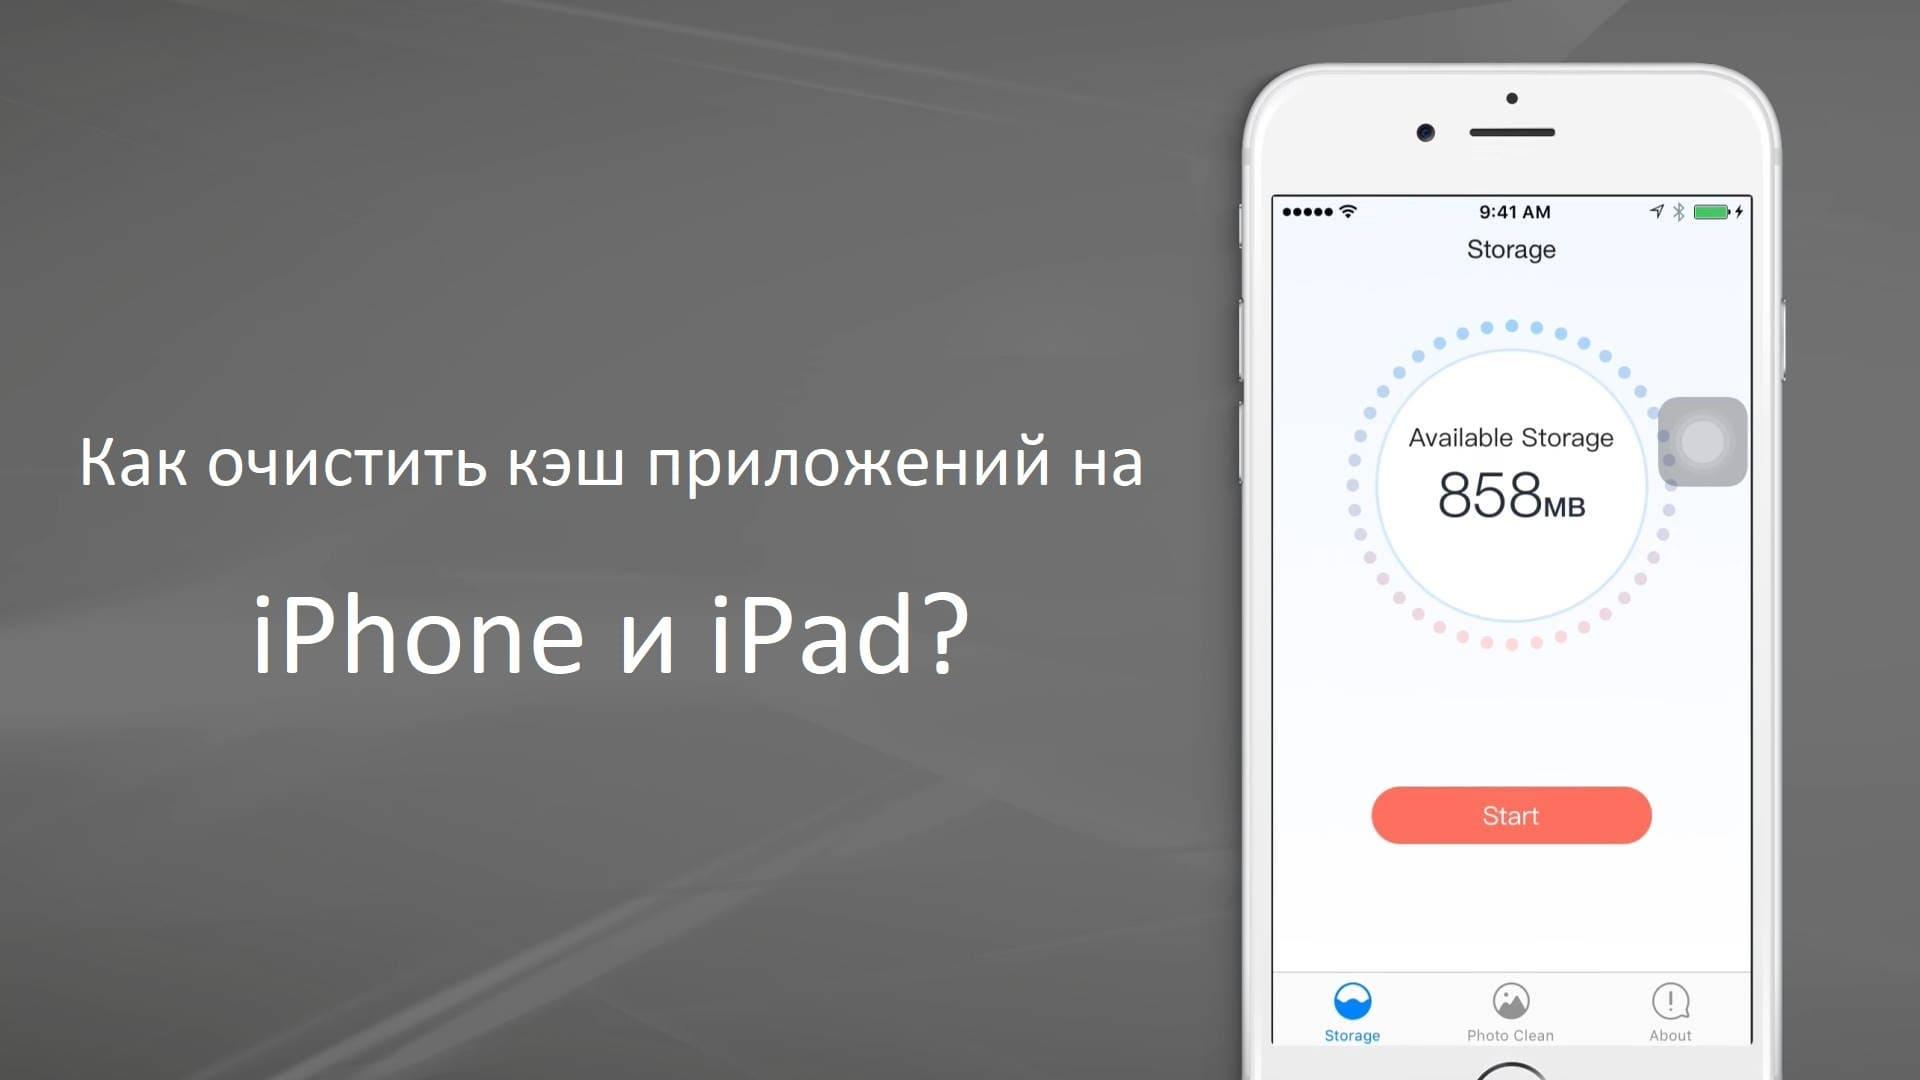 как очистить кэш приложений айфон